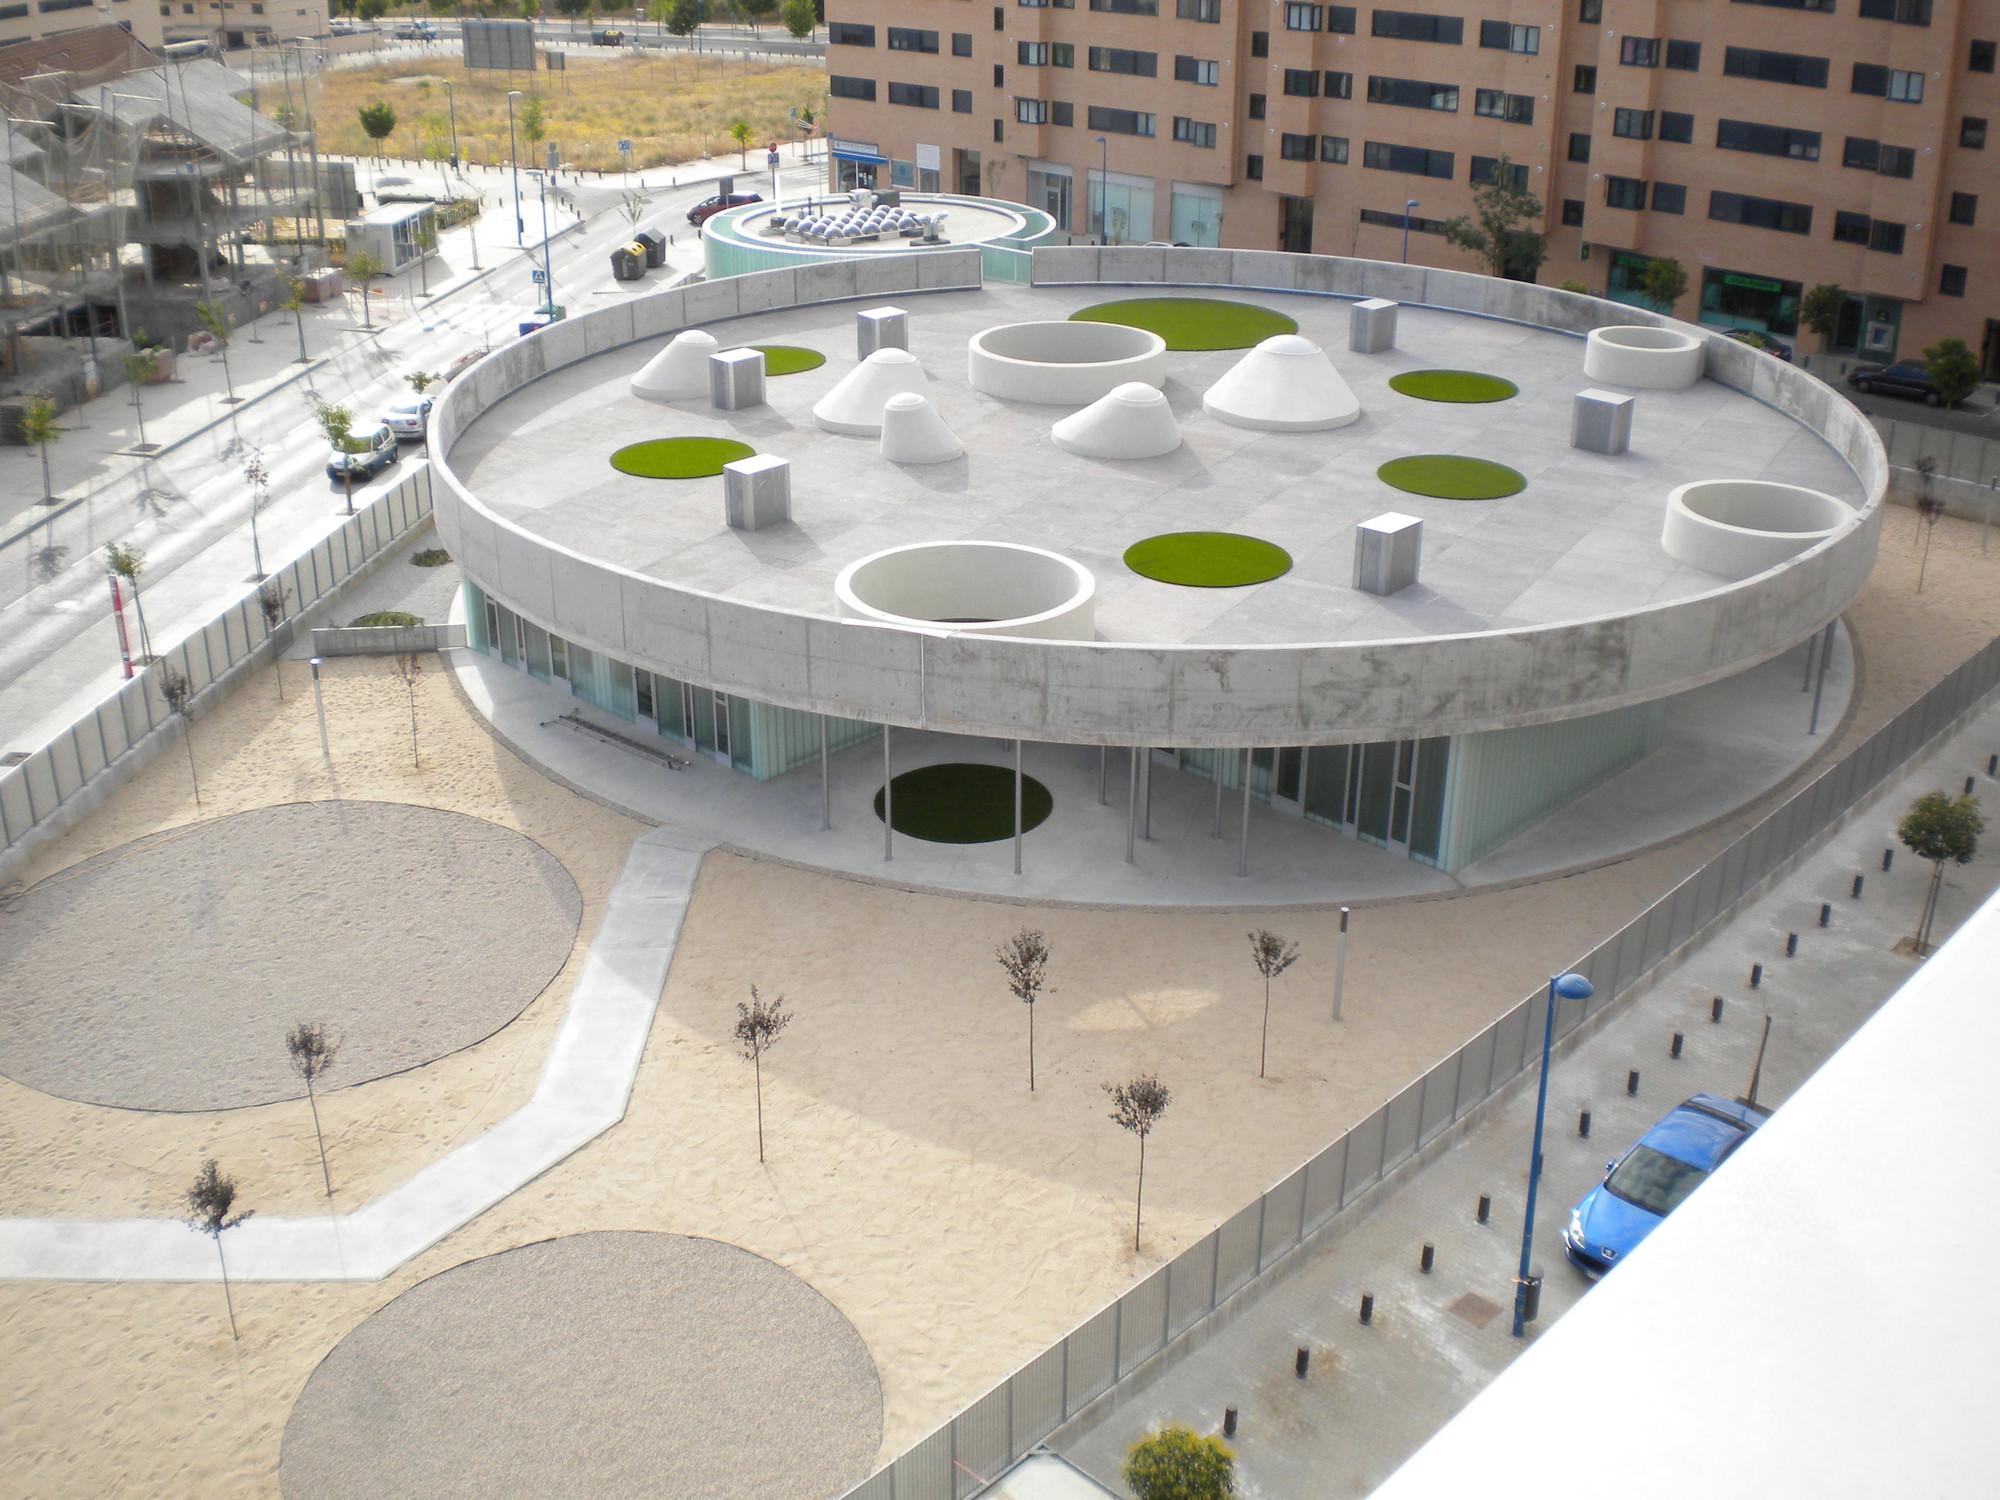 Escuela infantil en vereda de estudiantes rueda pizarro for Jardin de la vereda